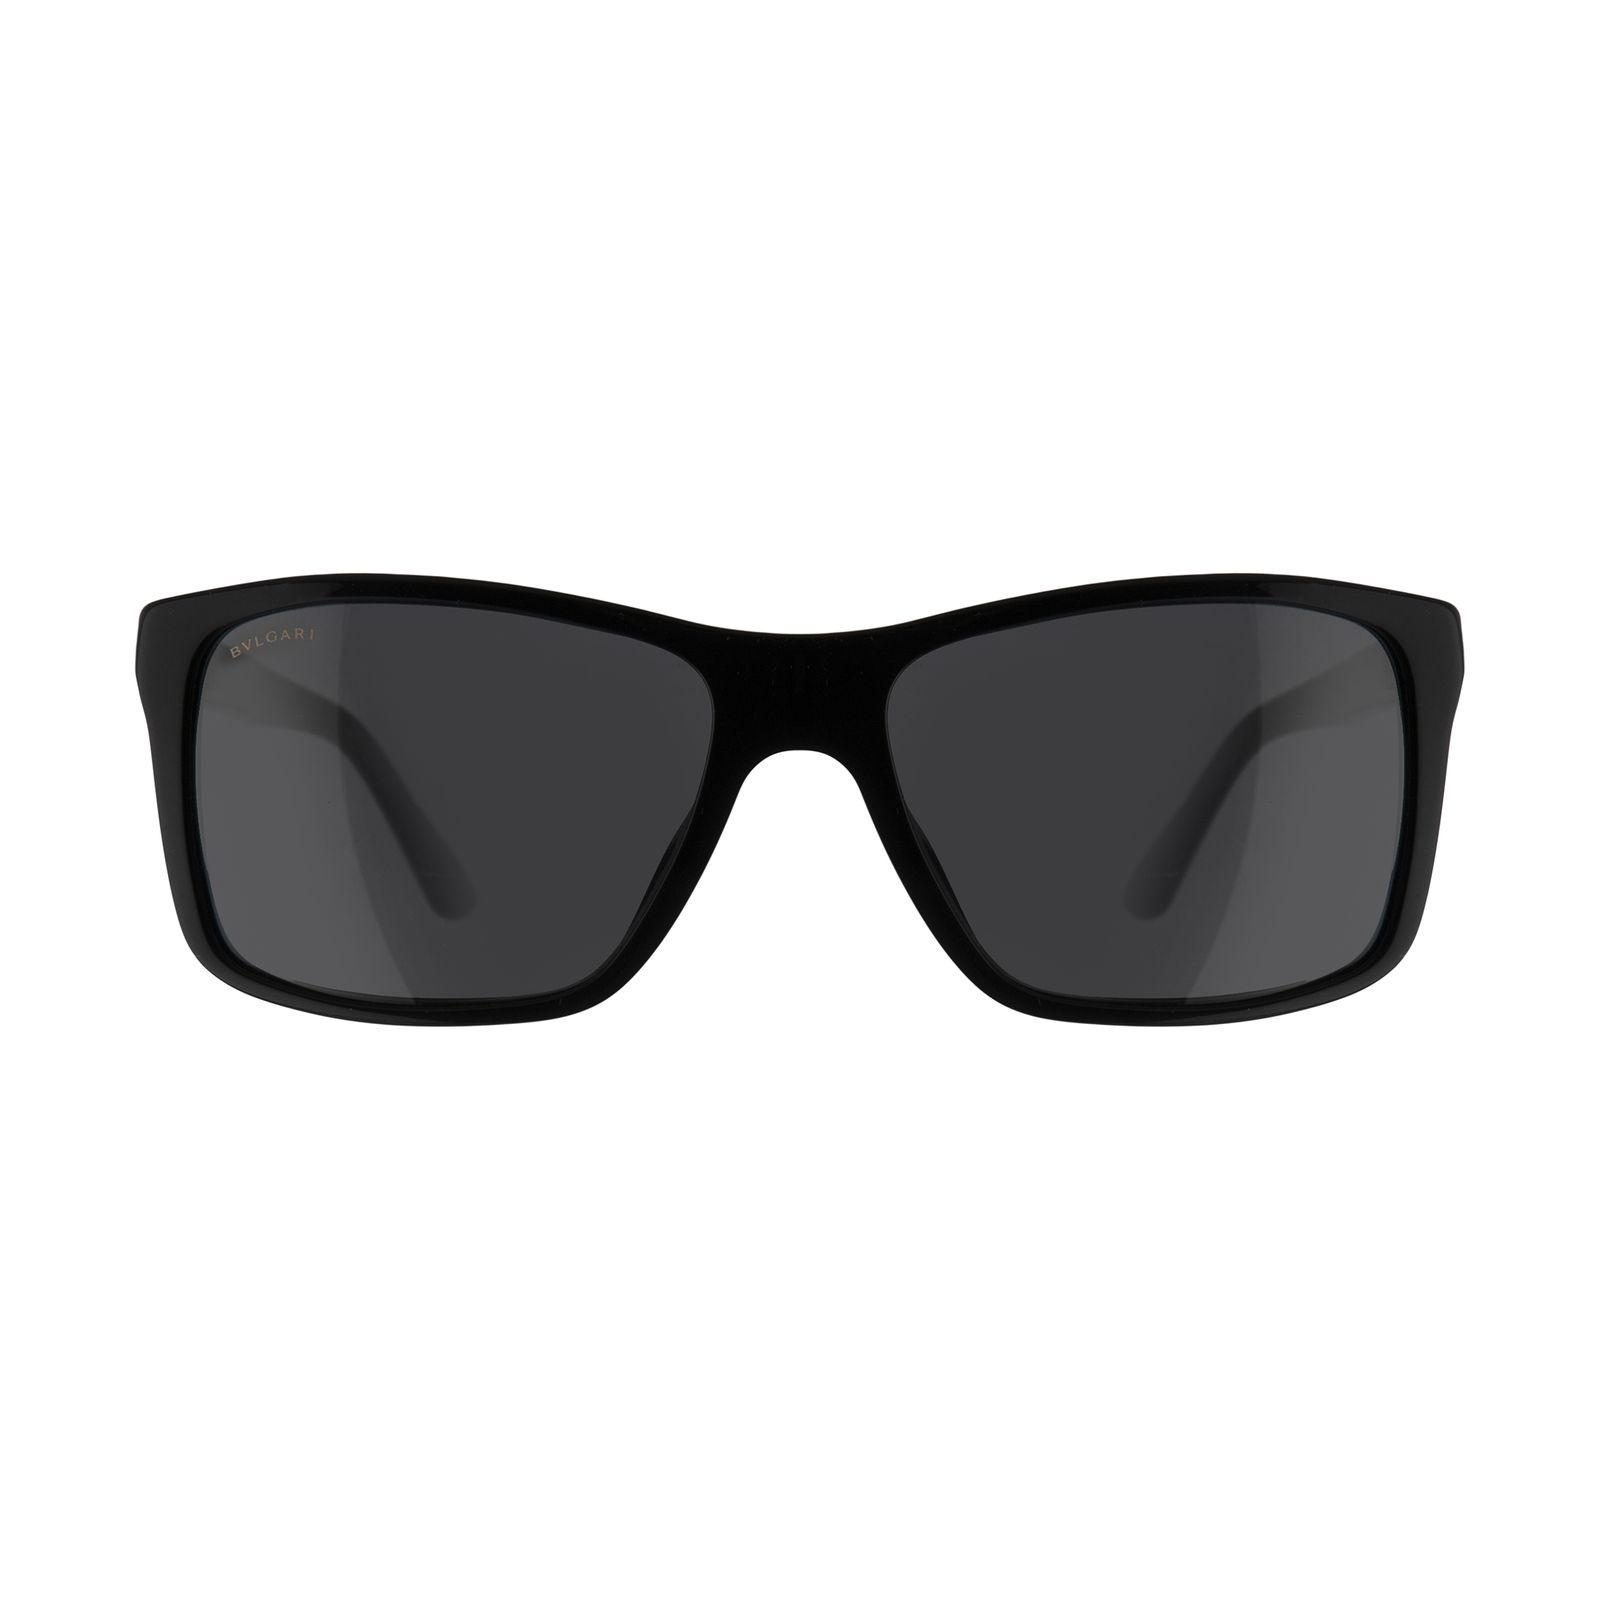 عینک آفتابی زنانه بولگاری مدل BV7015S 50187 -  - 2